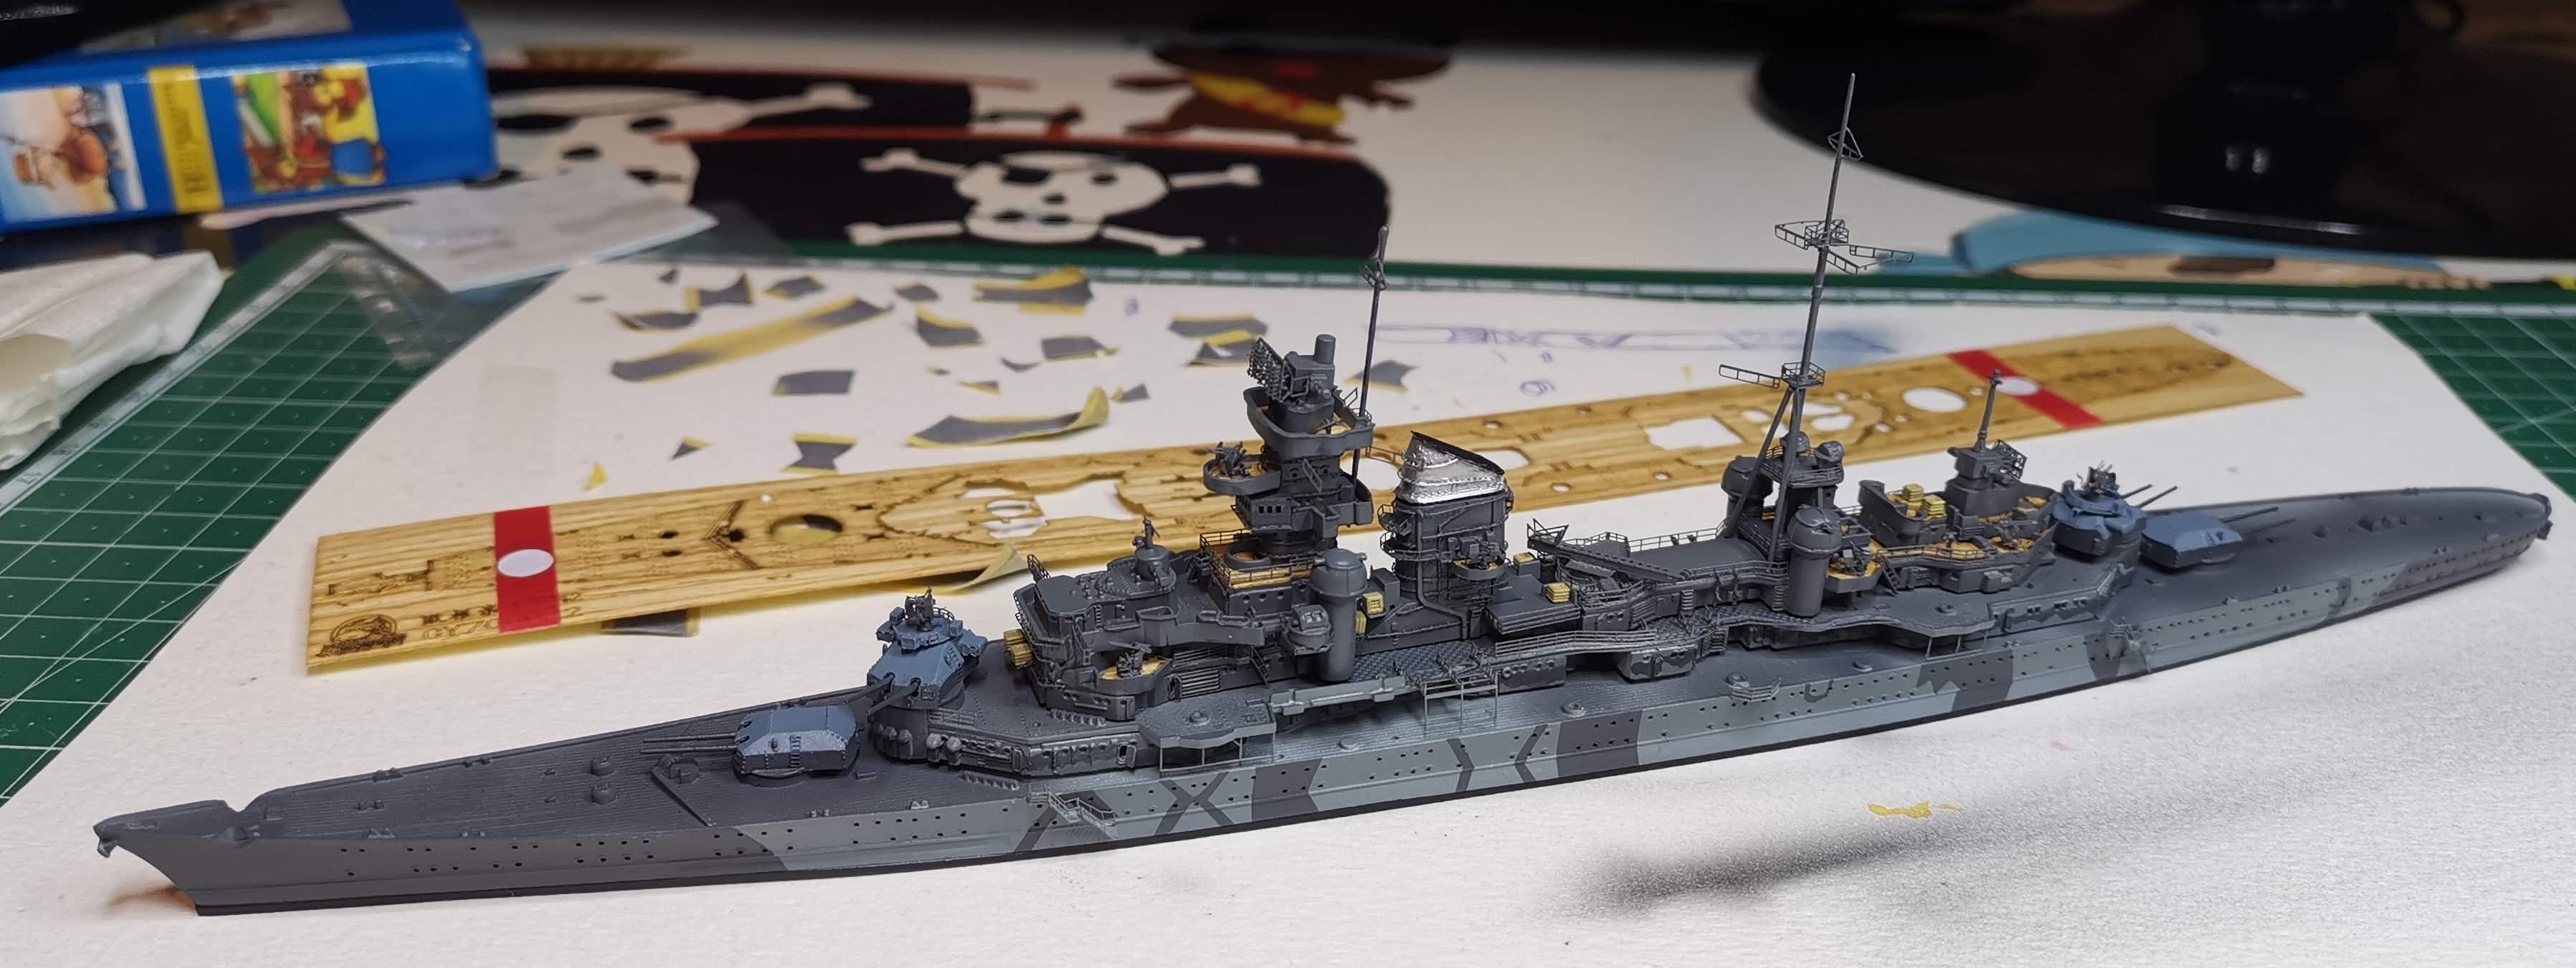 [TERMINE] Croiseur Prinz Eugen Trumpeter 1/700e, PE Flyhawk, pont en bois - Page 6 20200615